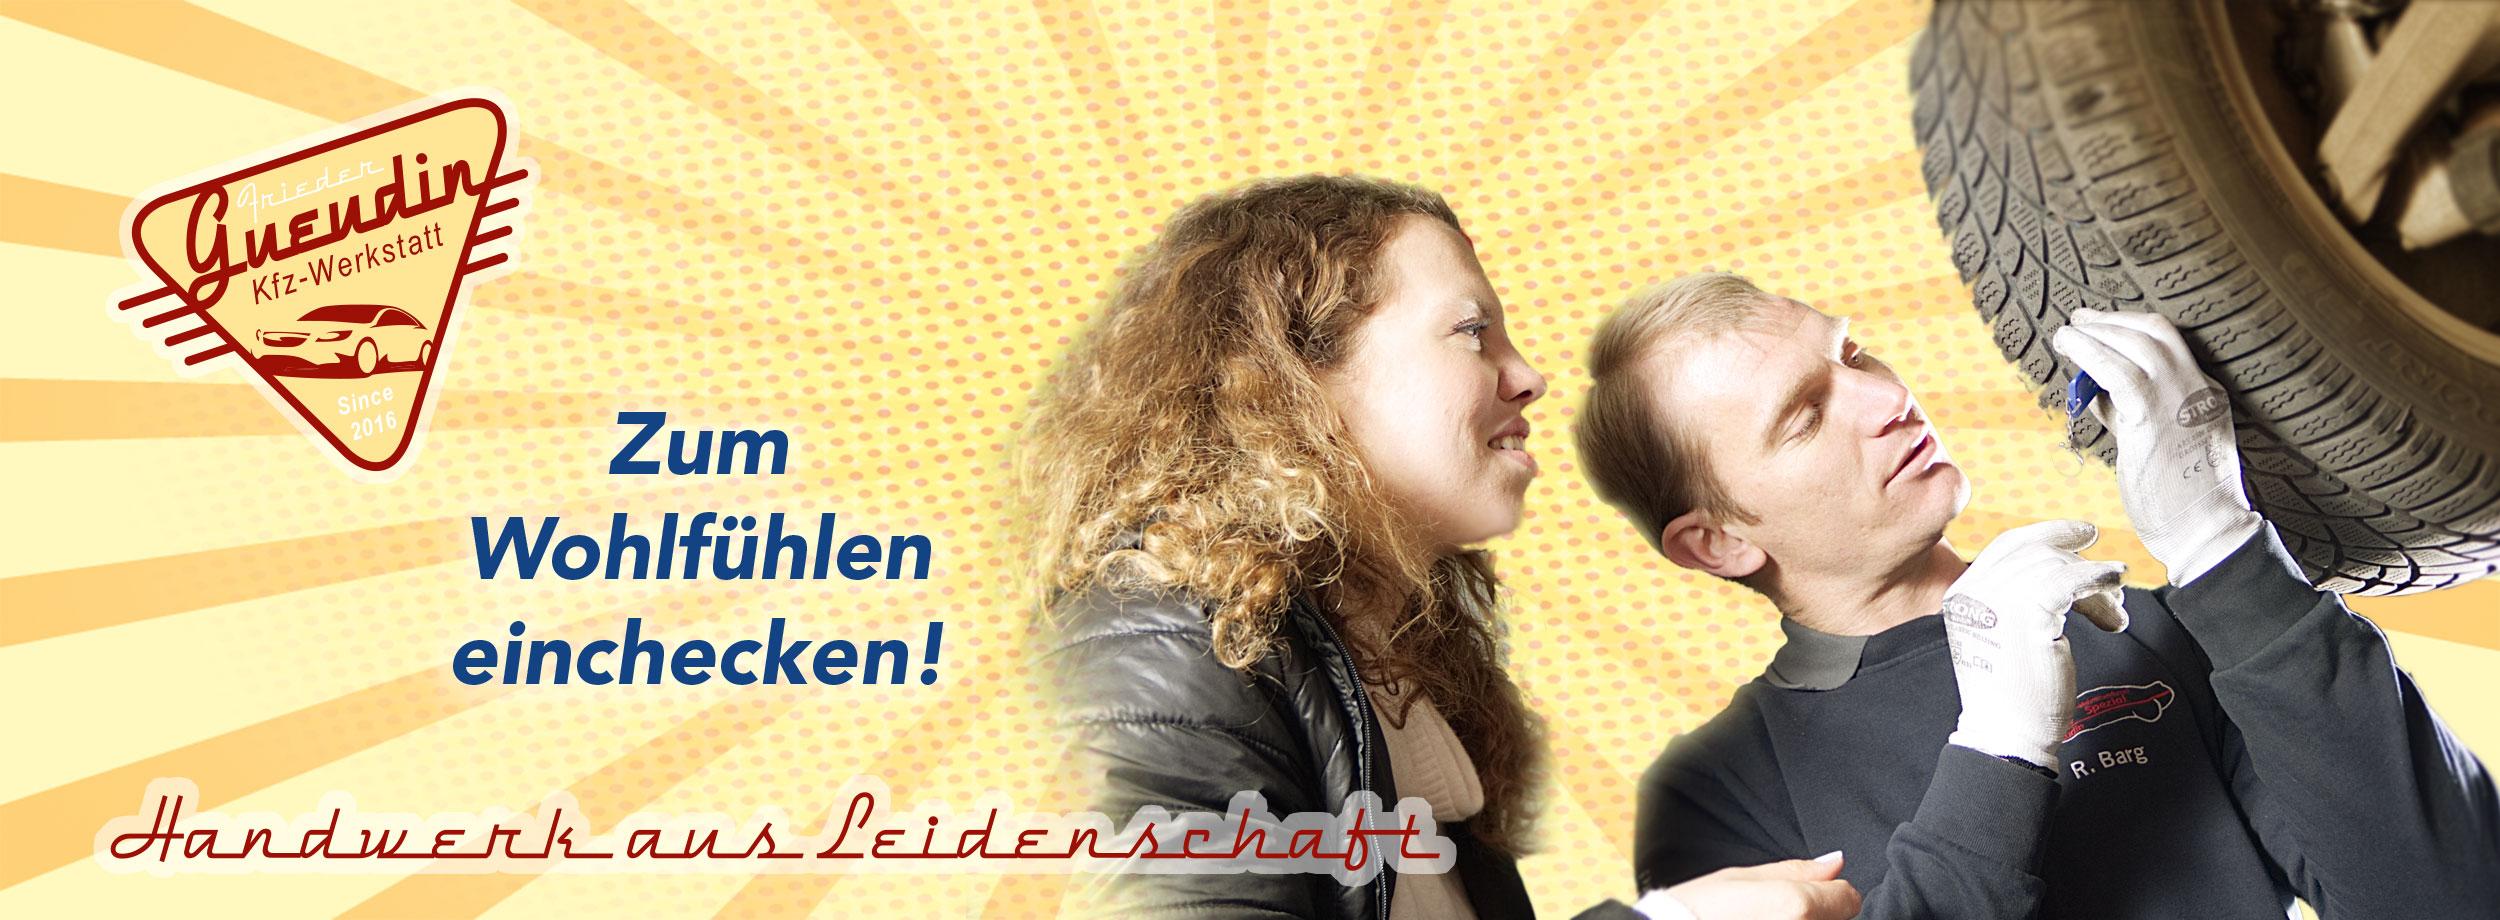 Service - Kfz-Werkstatt Frieder Gueudin